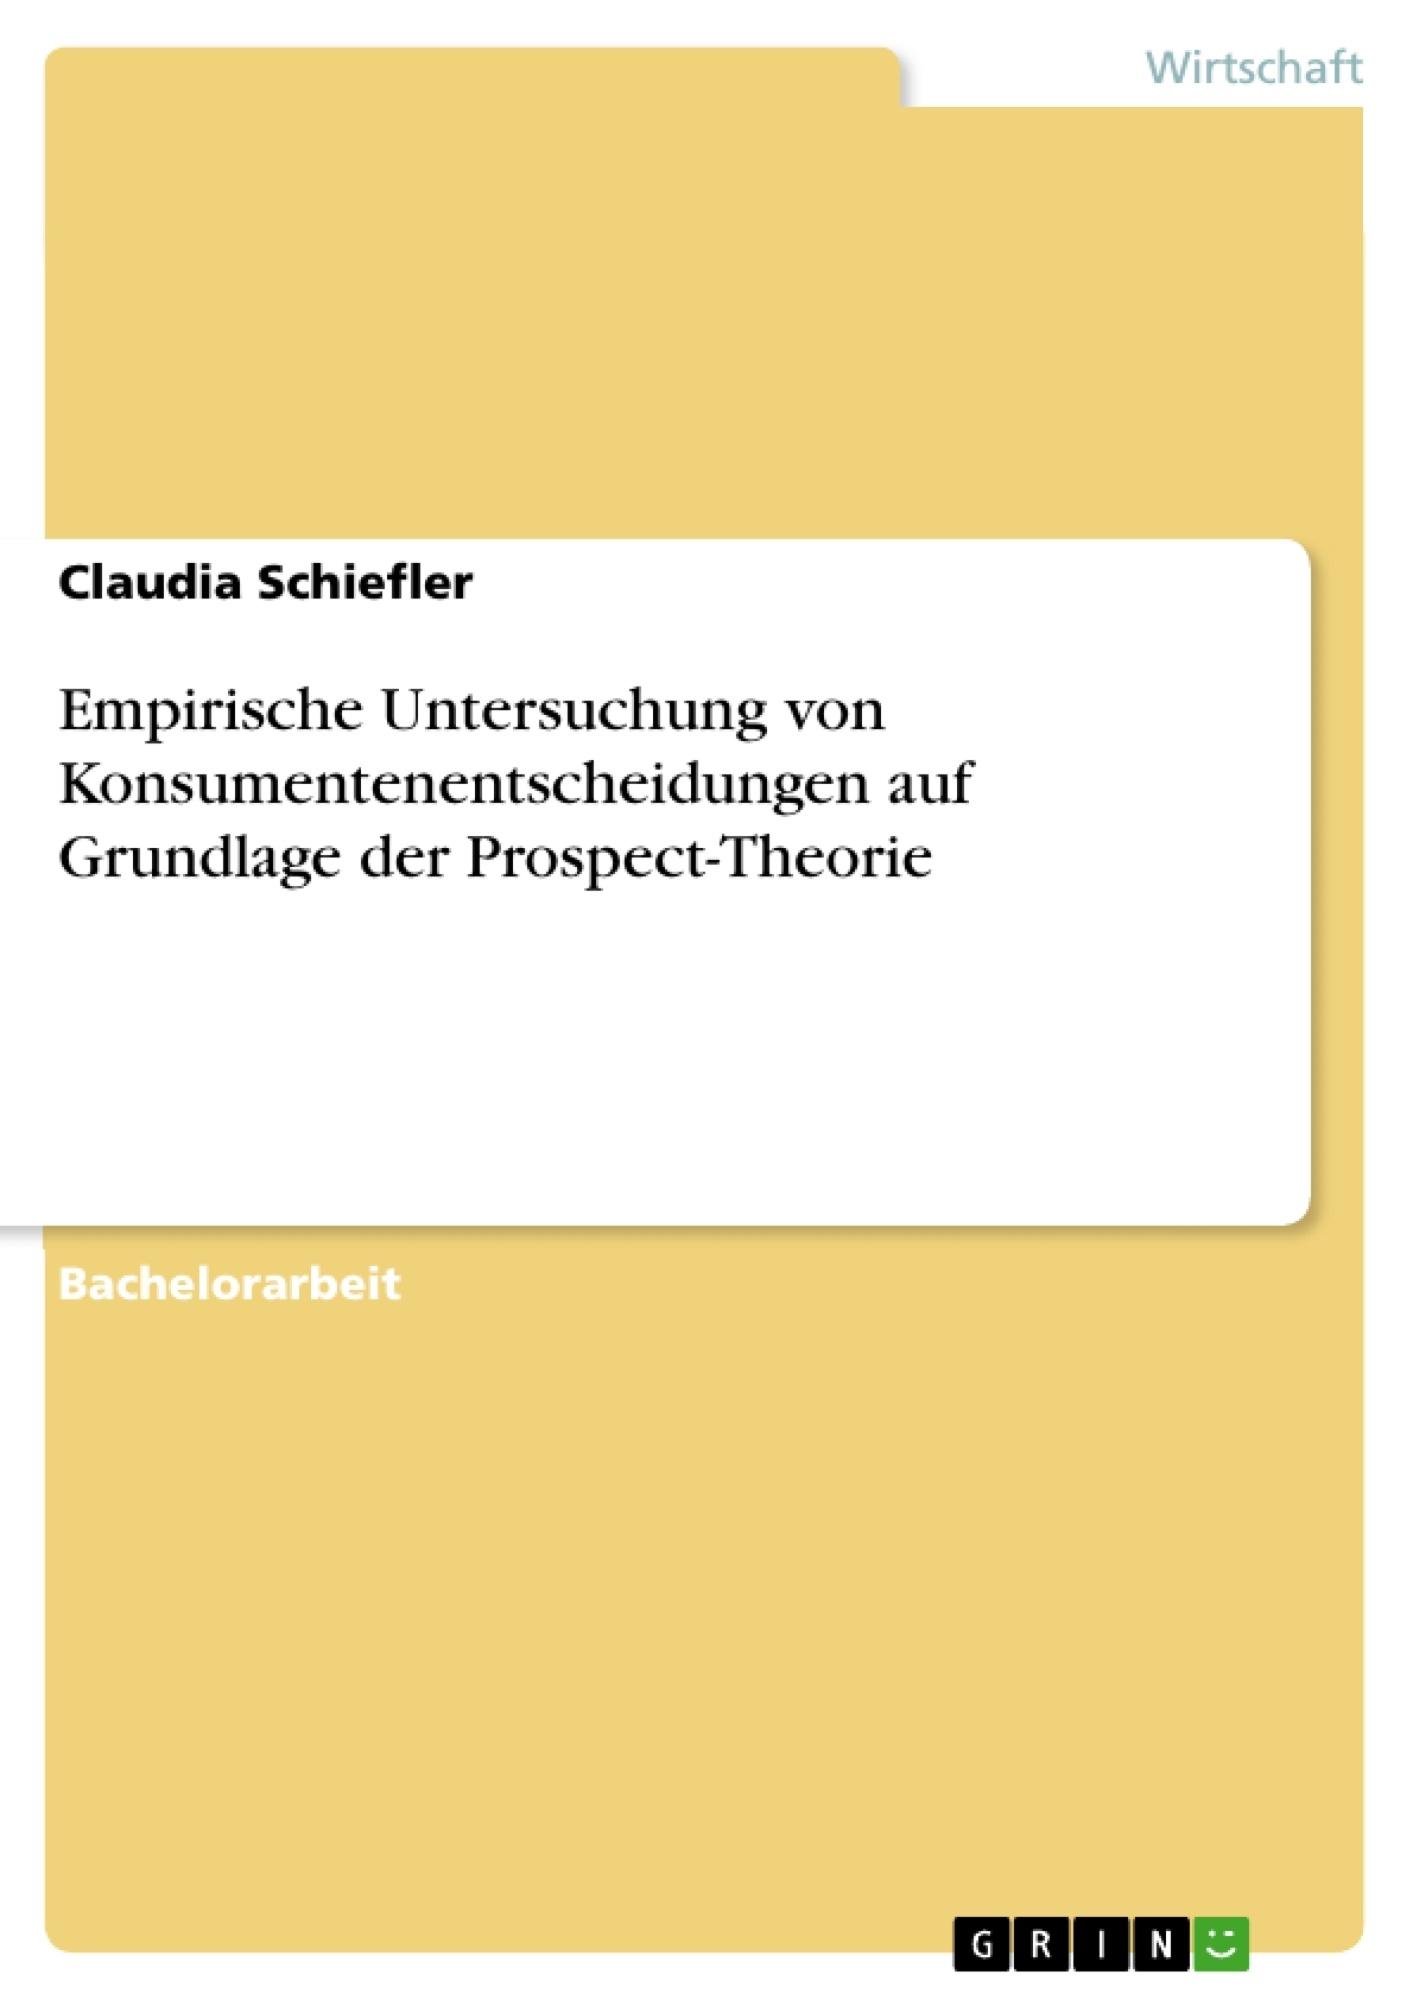 Titel: Empirische Untersuchung von Konsumentenentscheidungen auf Grundlage der Prospect-Theorie